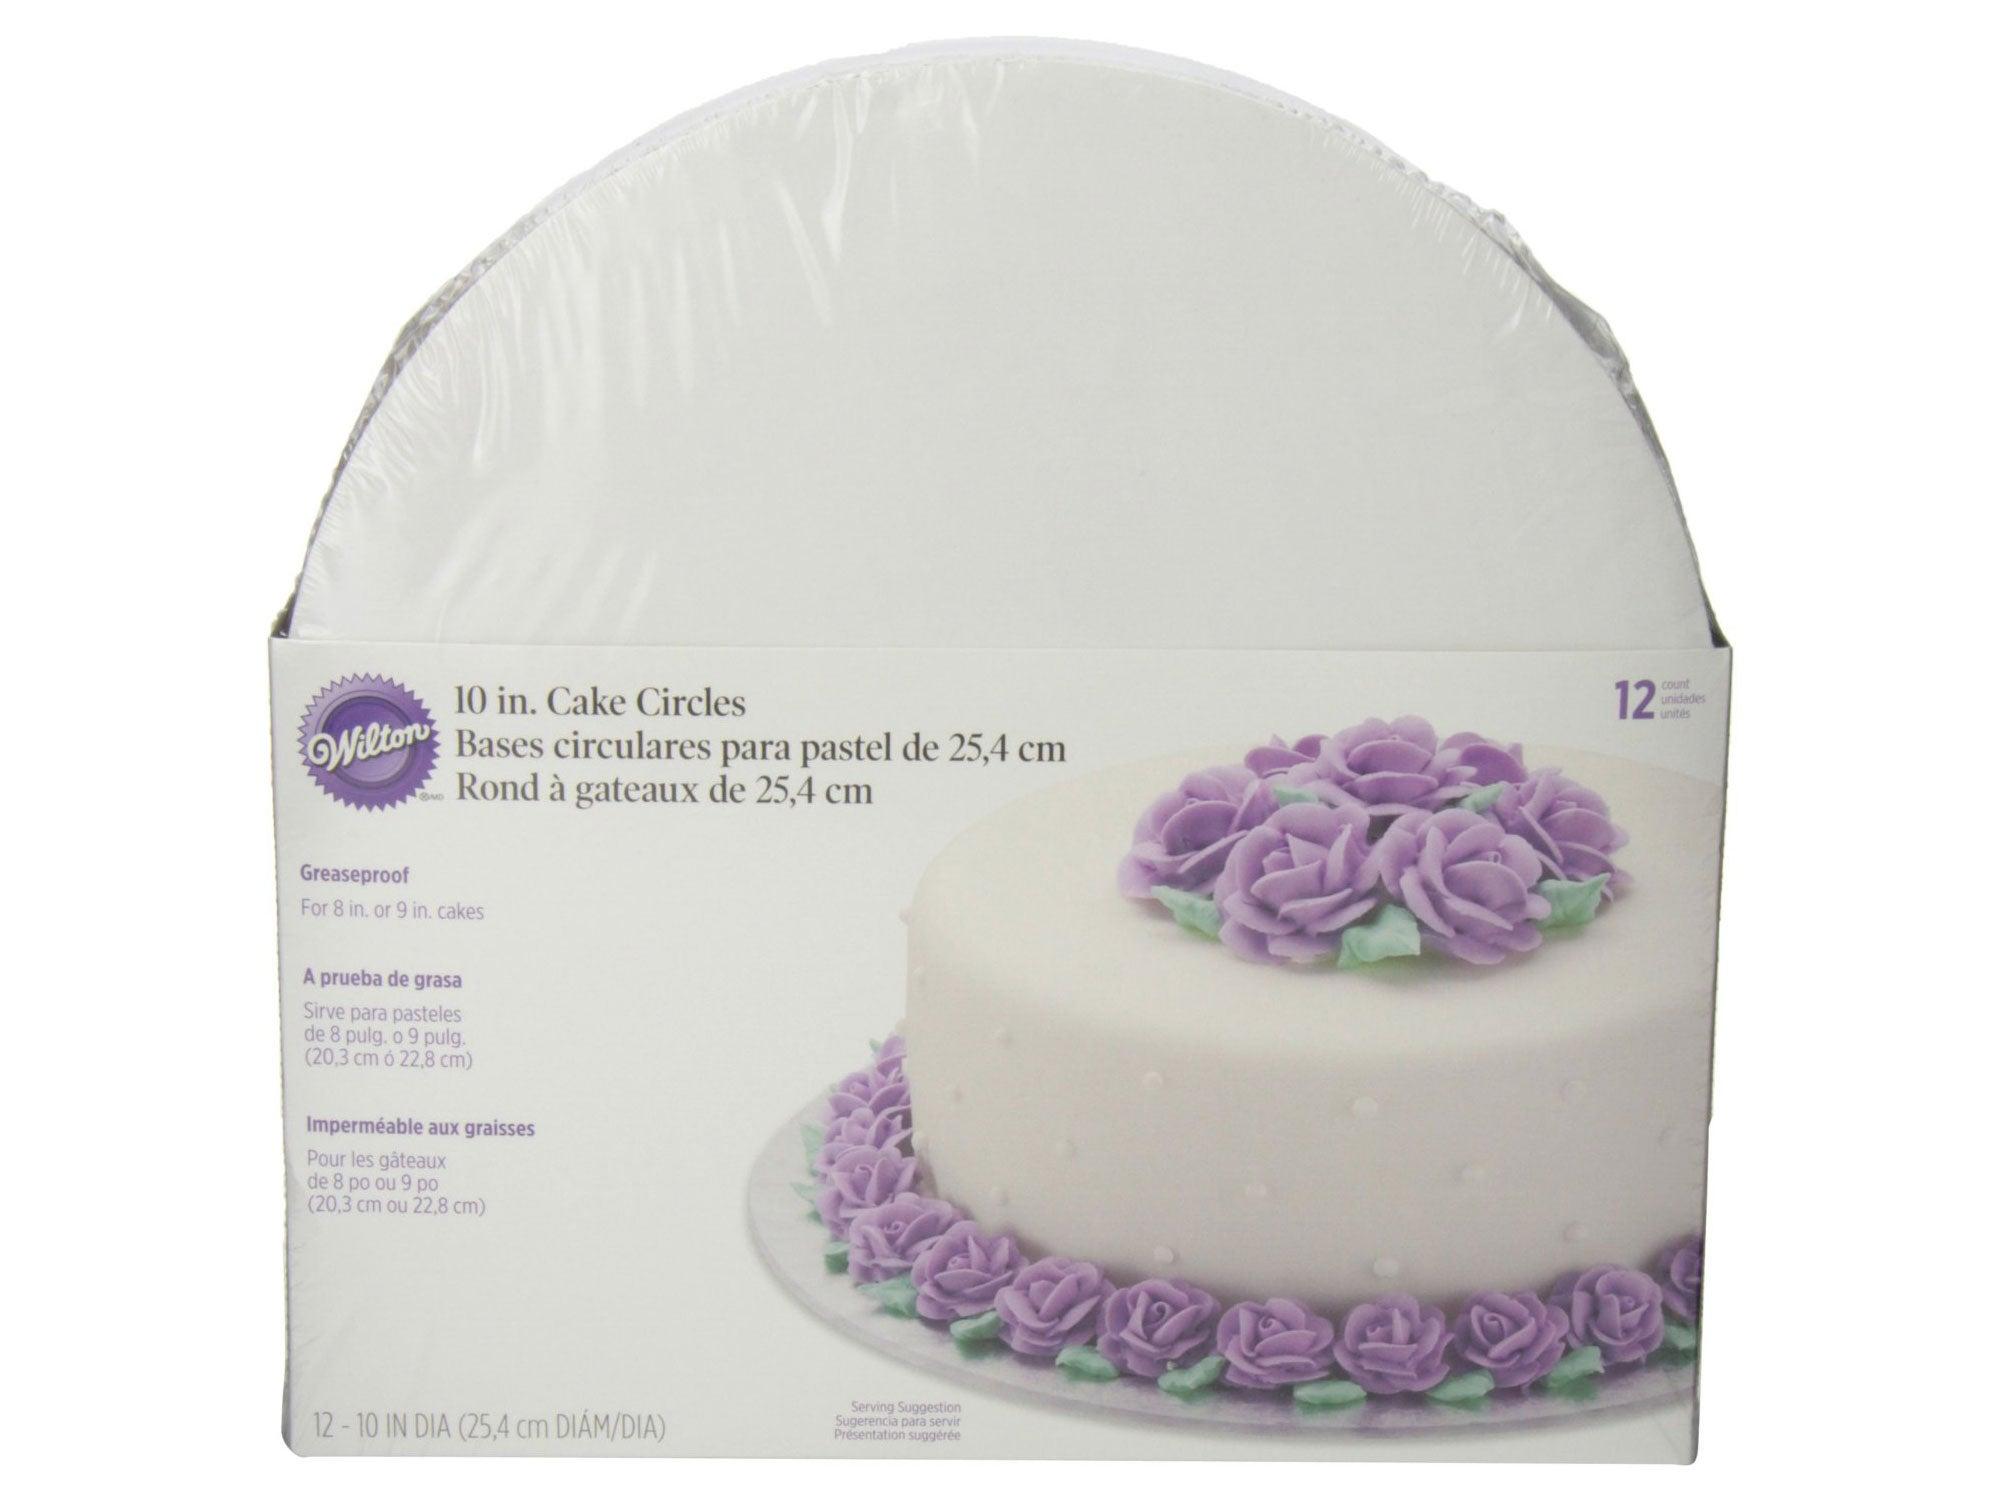 Wilton Cake Circles